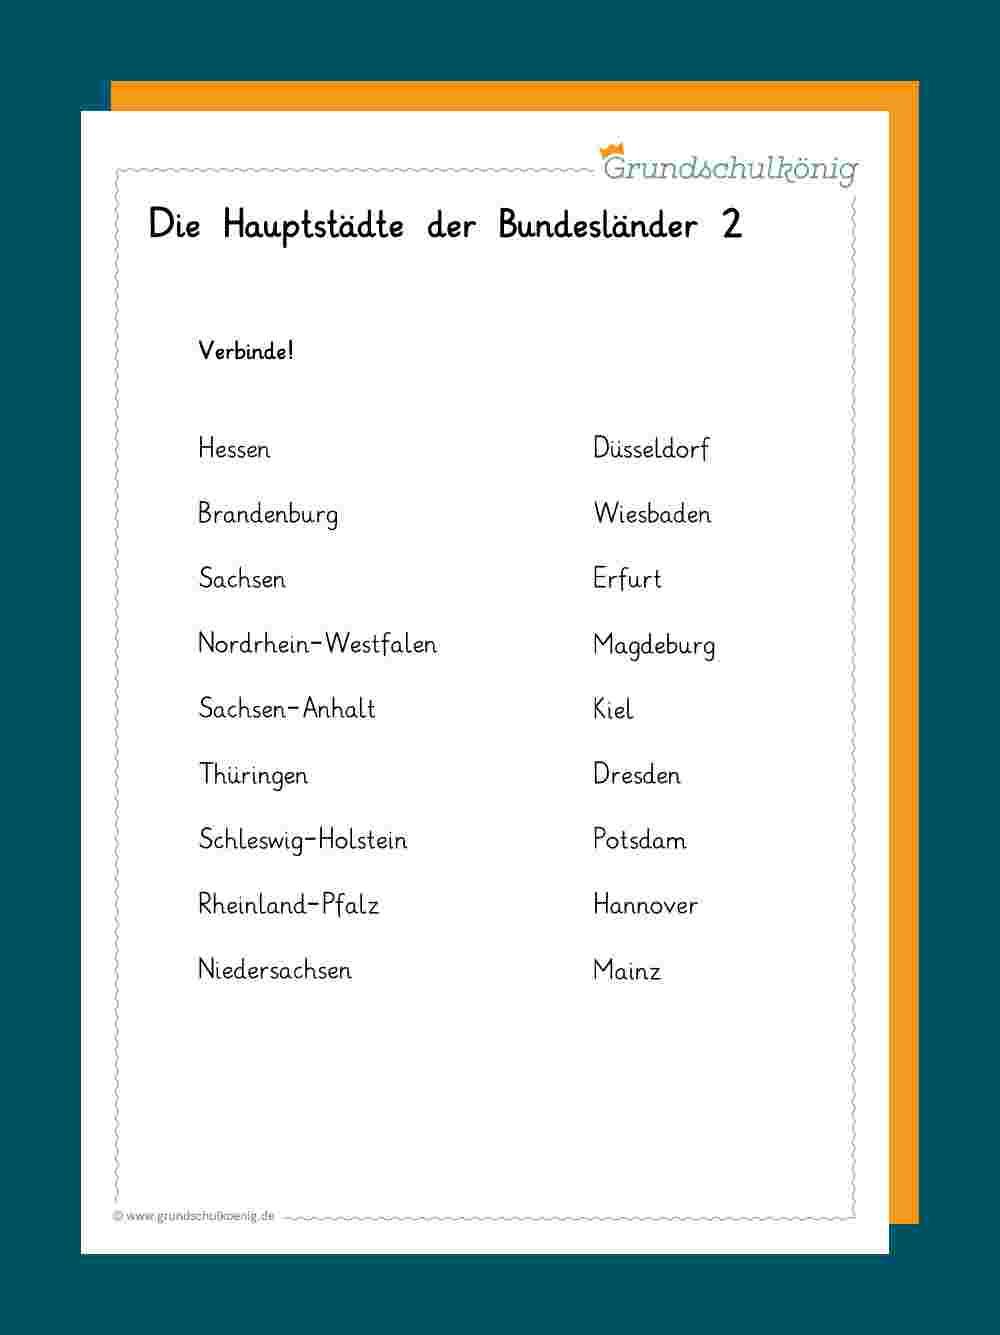 Deutschland über Deutsche Bundesländer Mit Hauptstädten